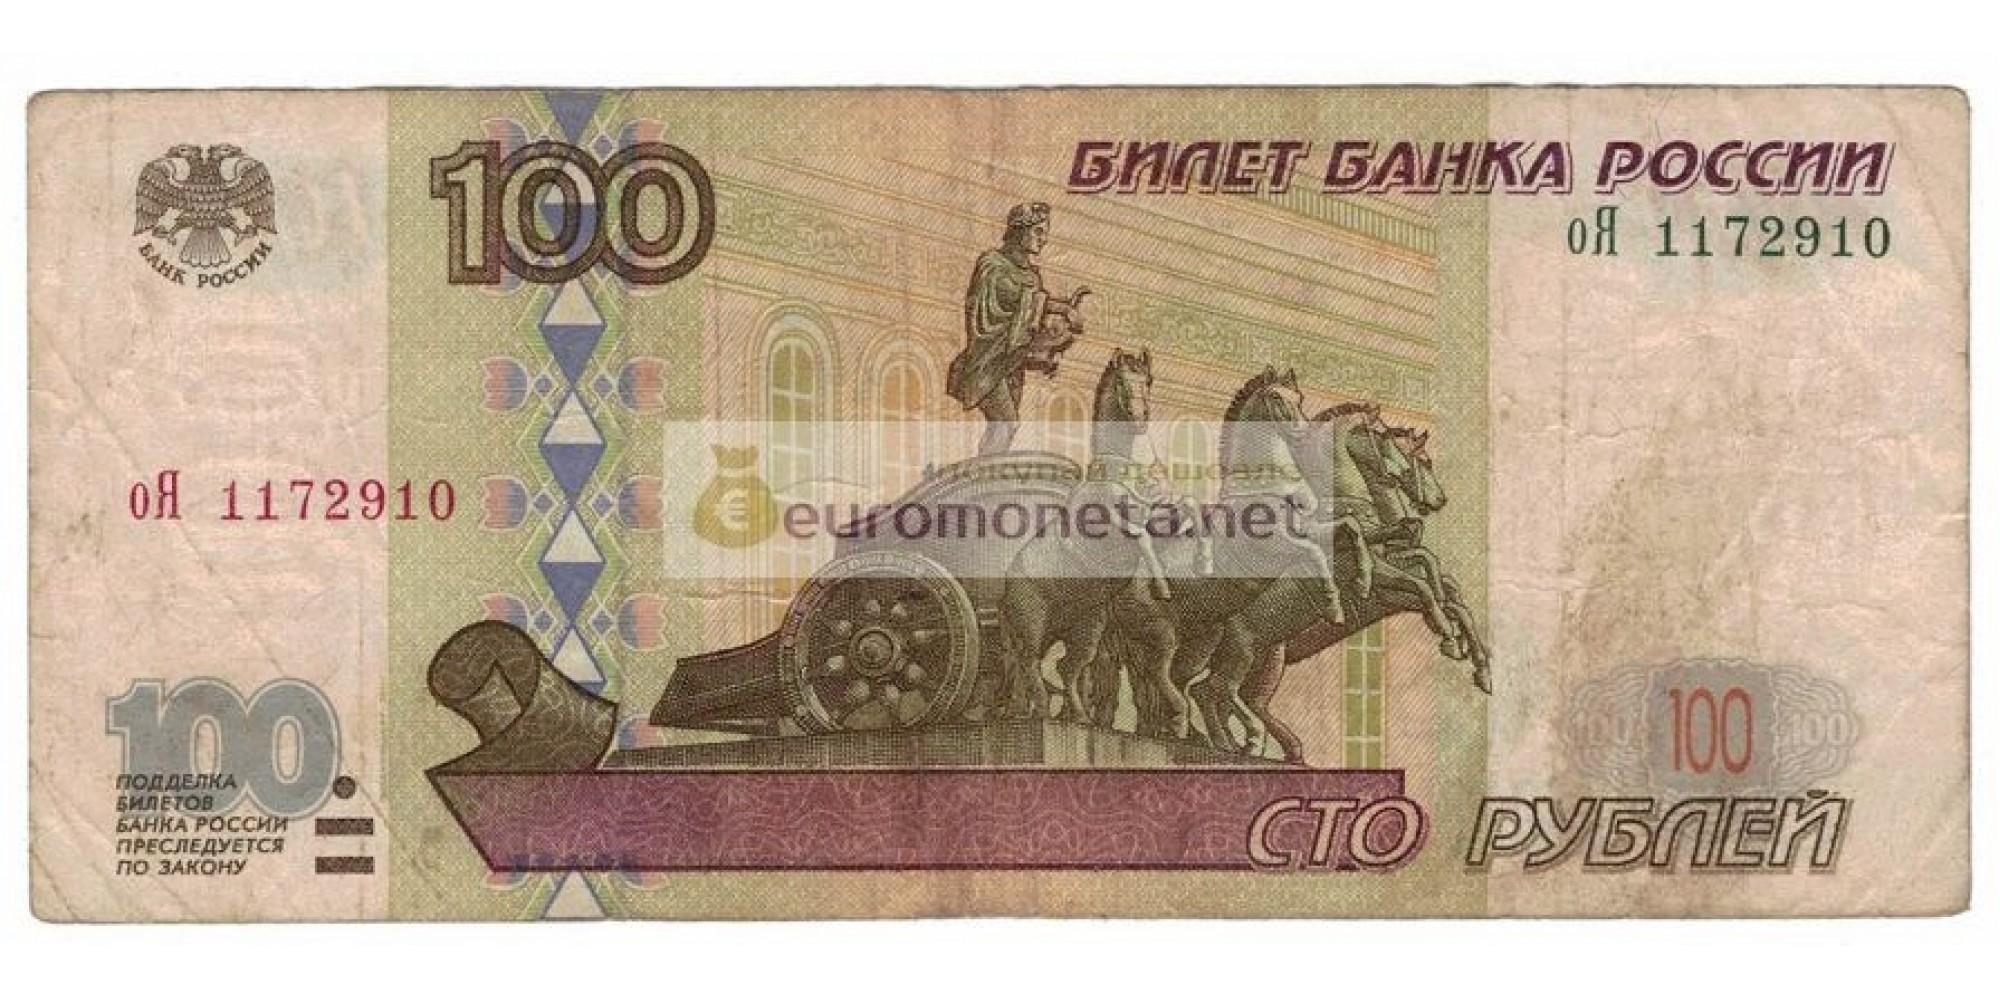 Россия 100 рублей 1997 год модификация 2001 год серия оЯ 1172910